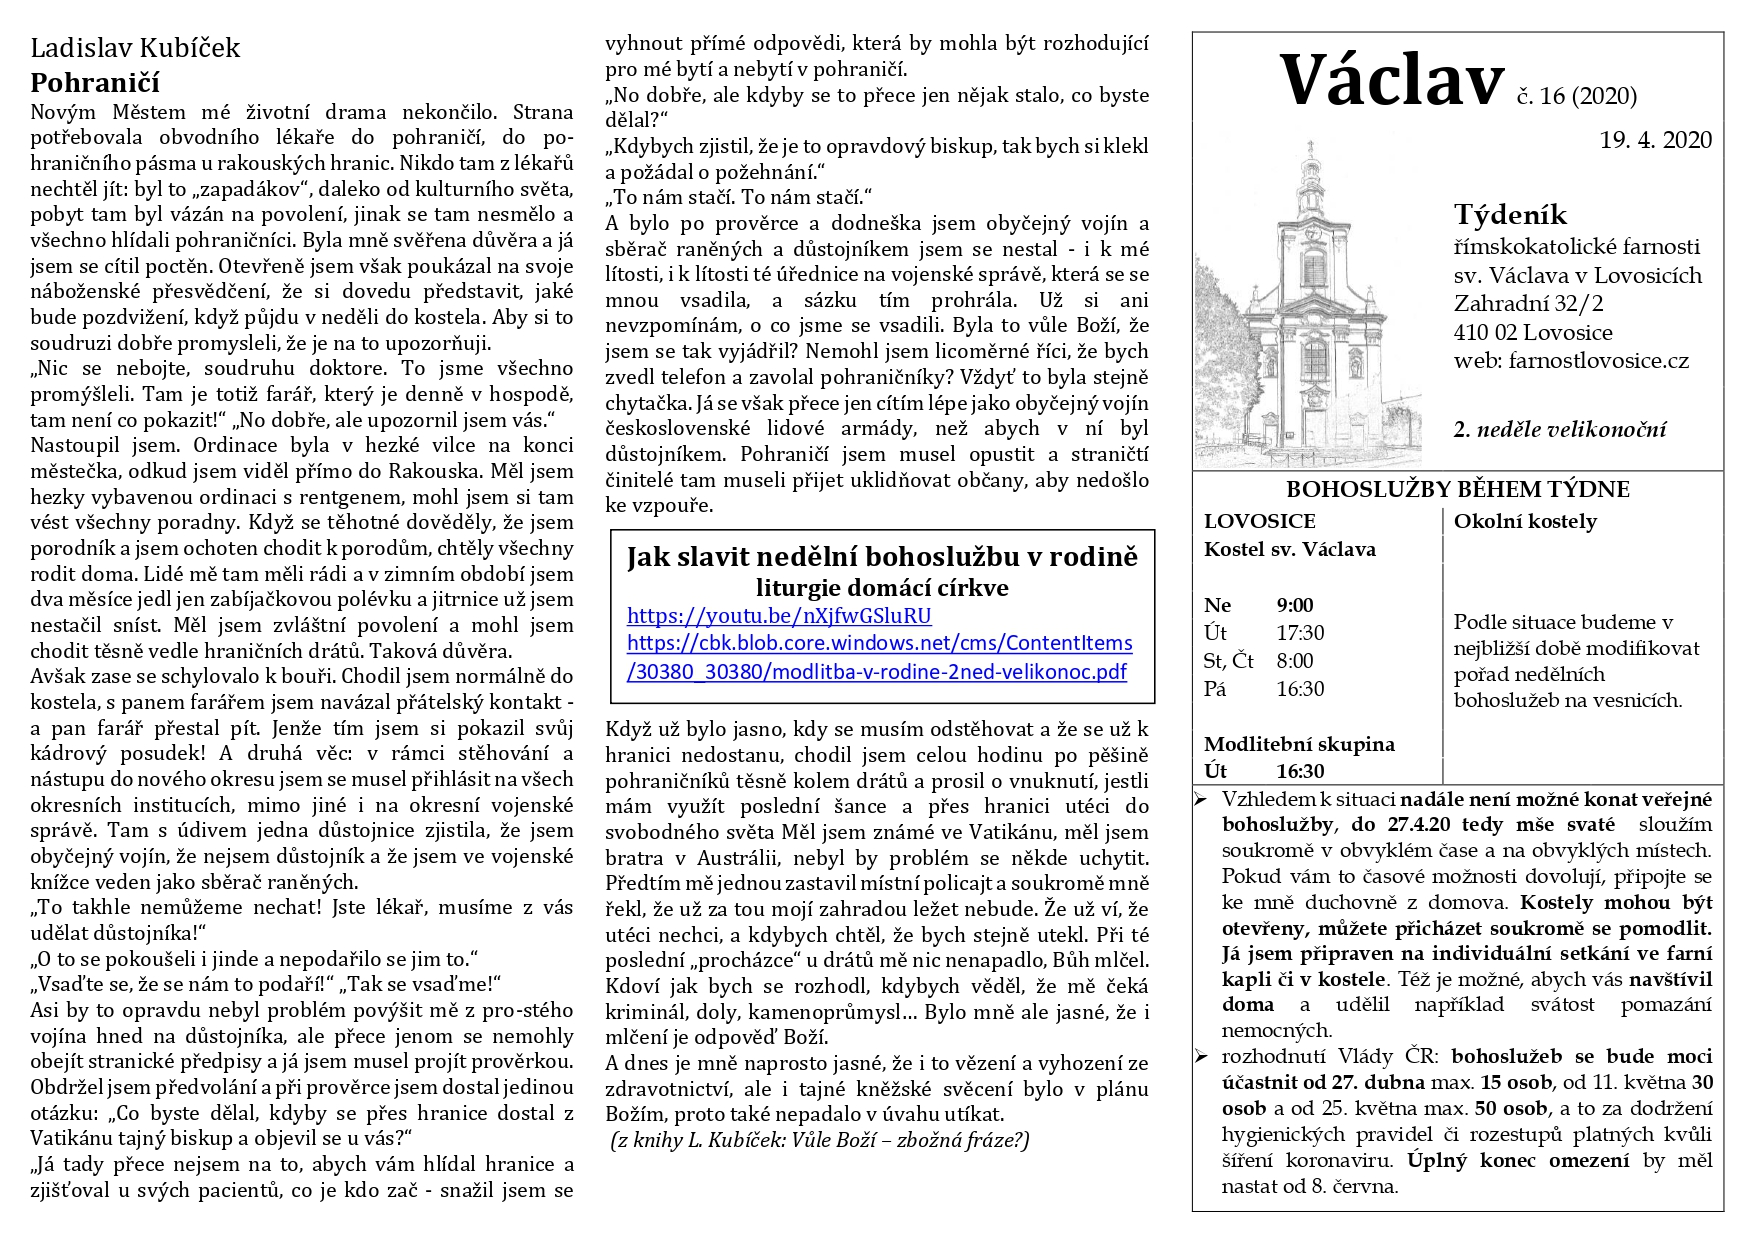 Václav 16.2020